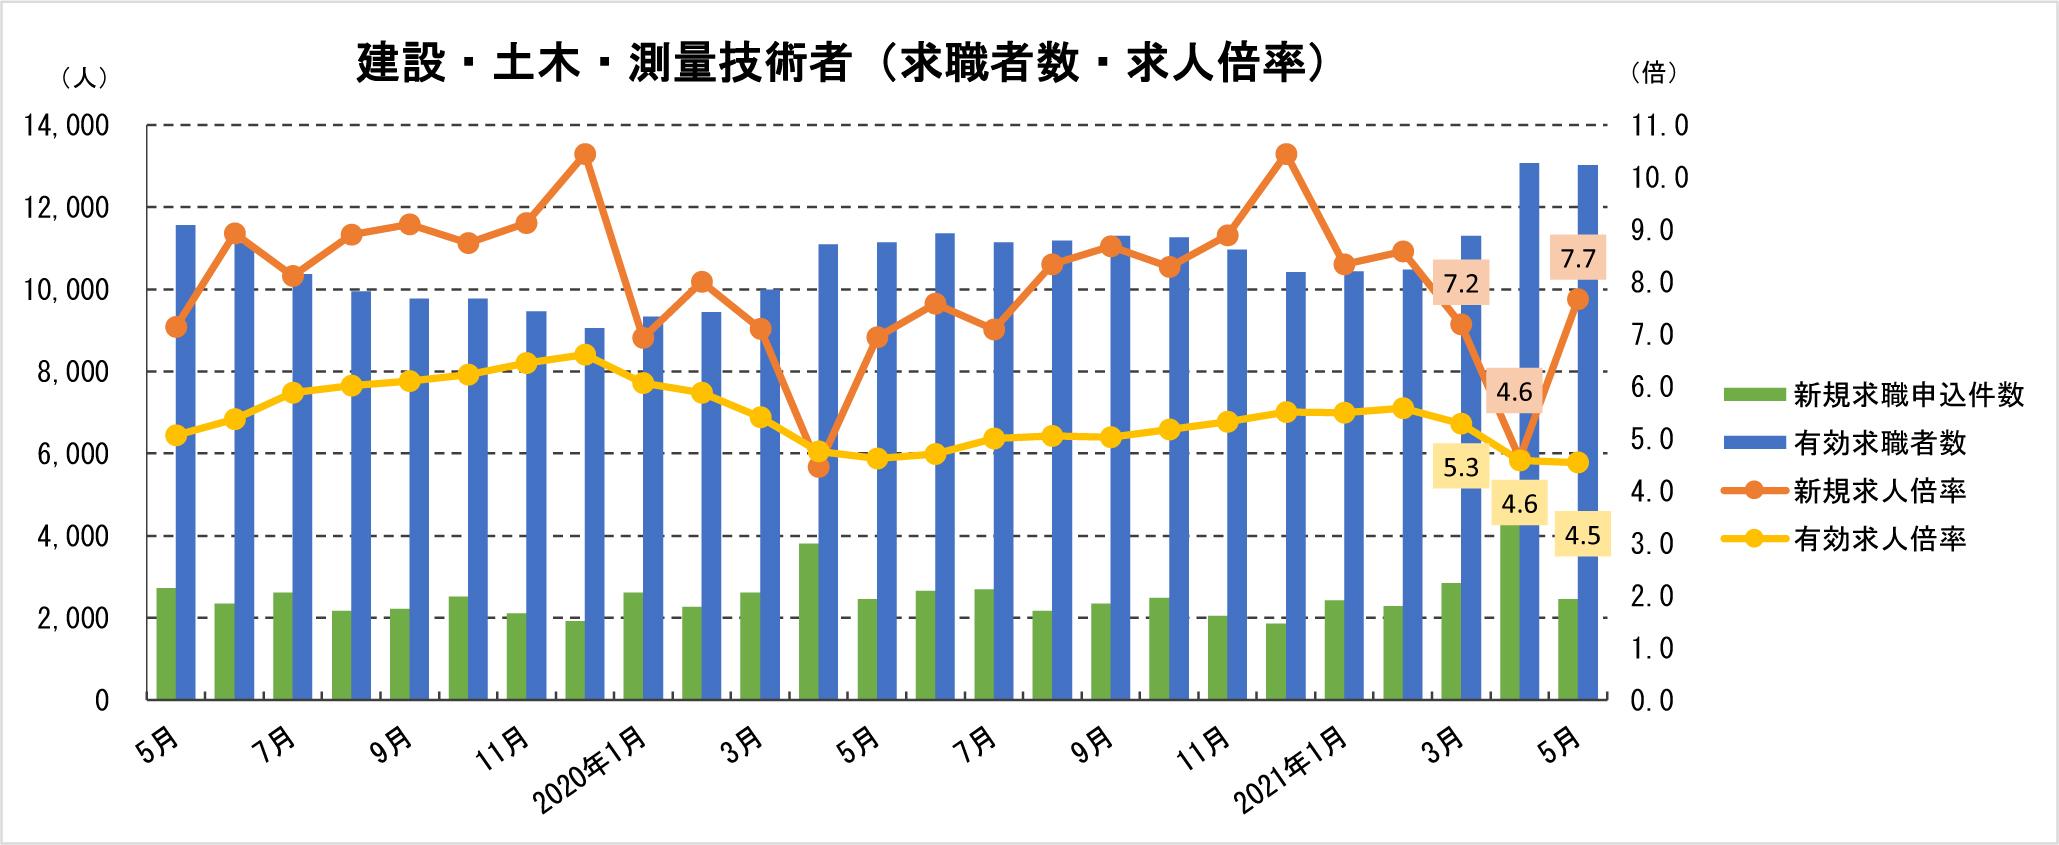 ②-1 建築・土木・測量技術者における求職者数